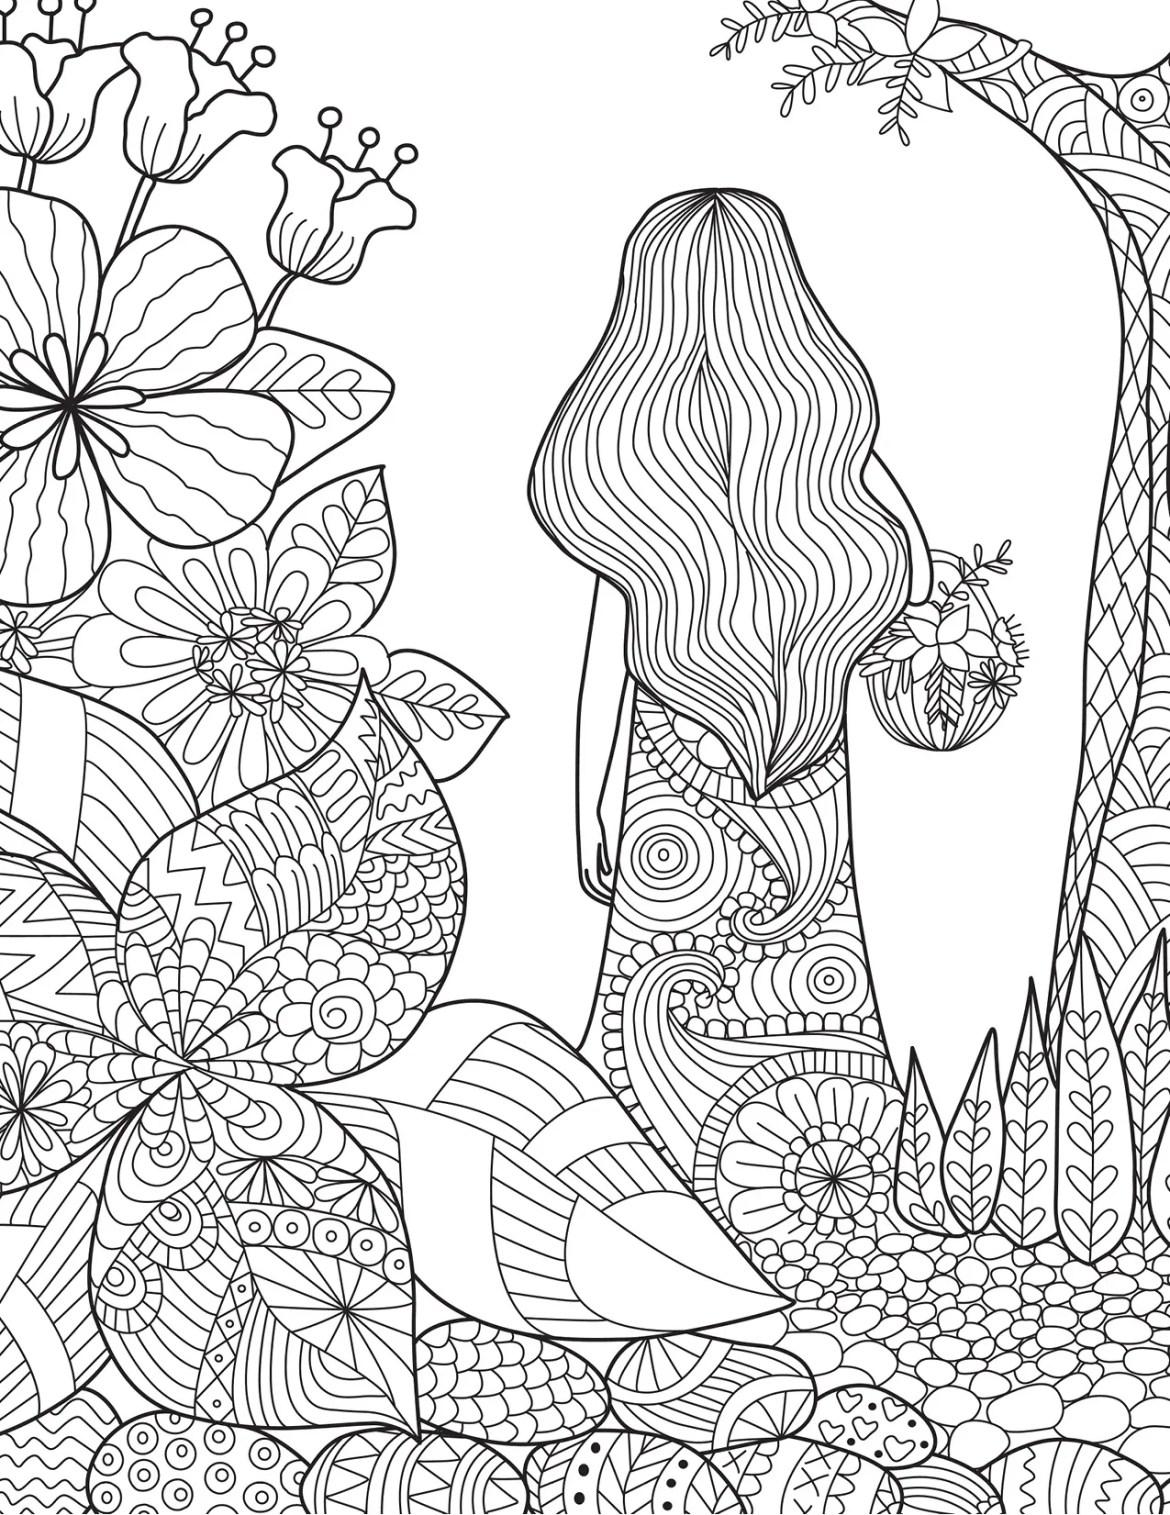 Coloriage Gratuit Foret.Coloriage De La Nature Femme Dans La Foret Artherapie Ca